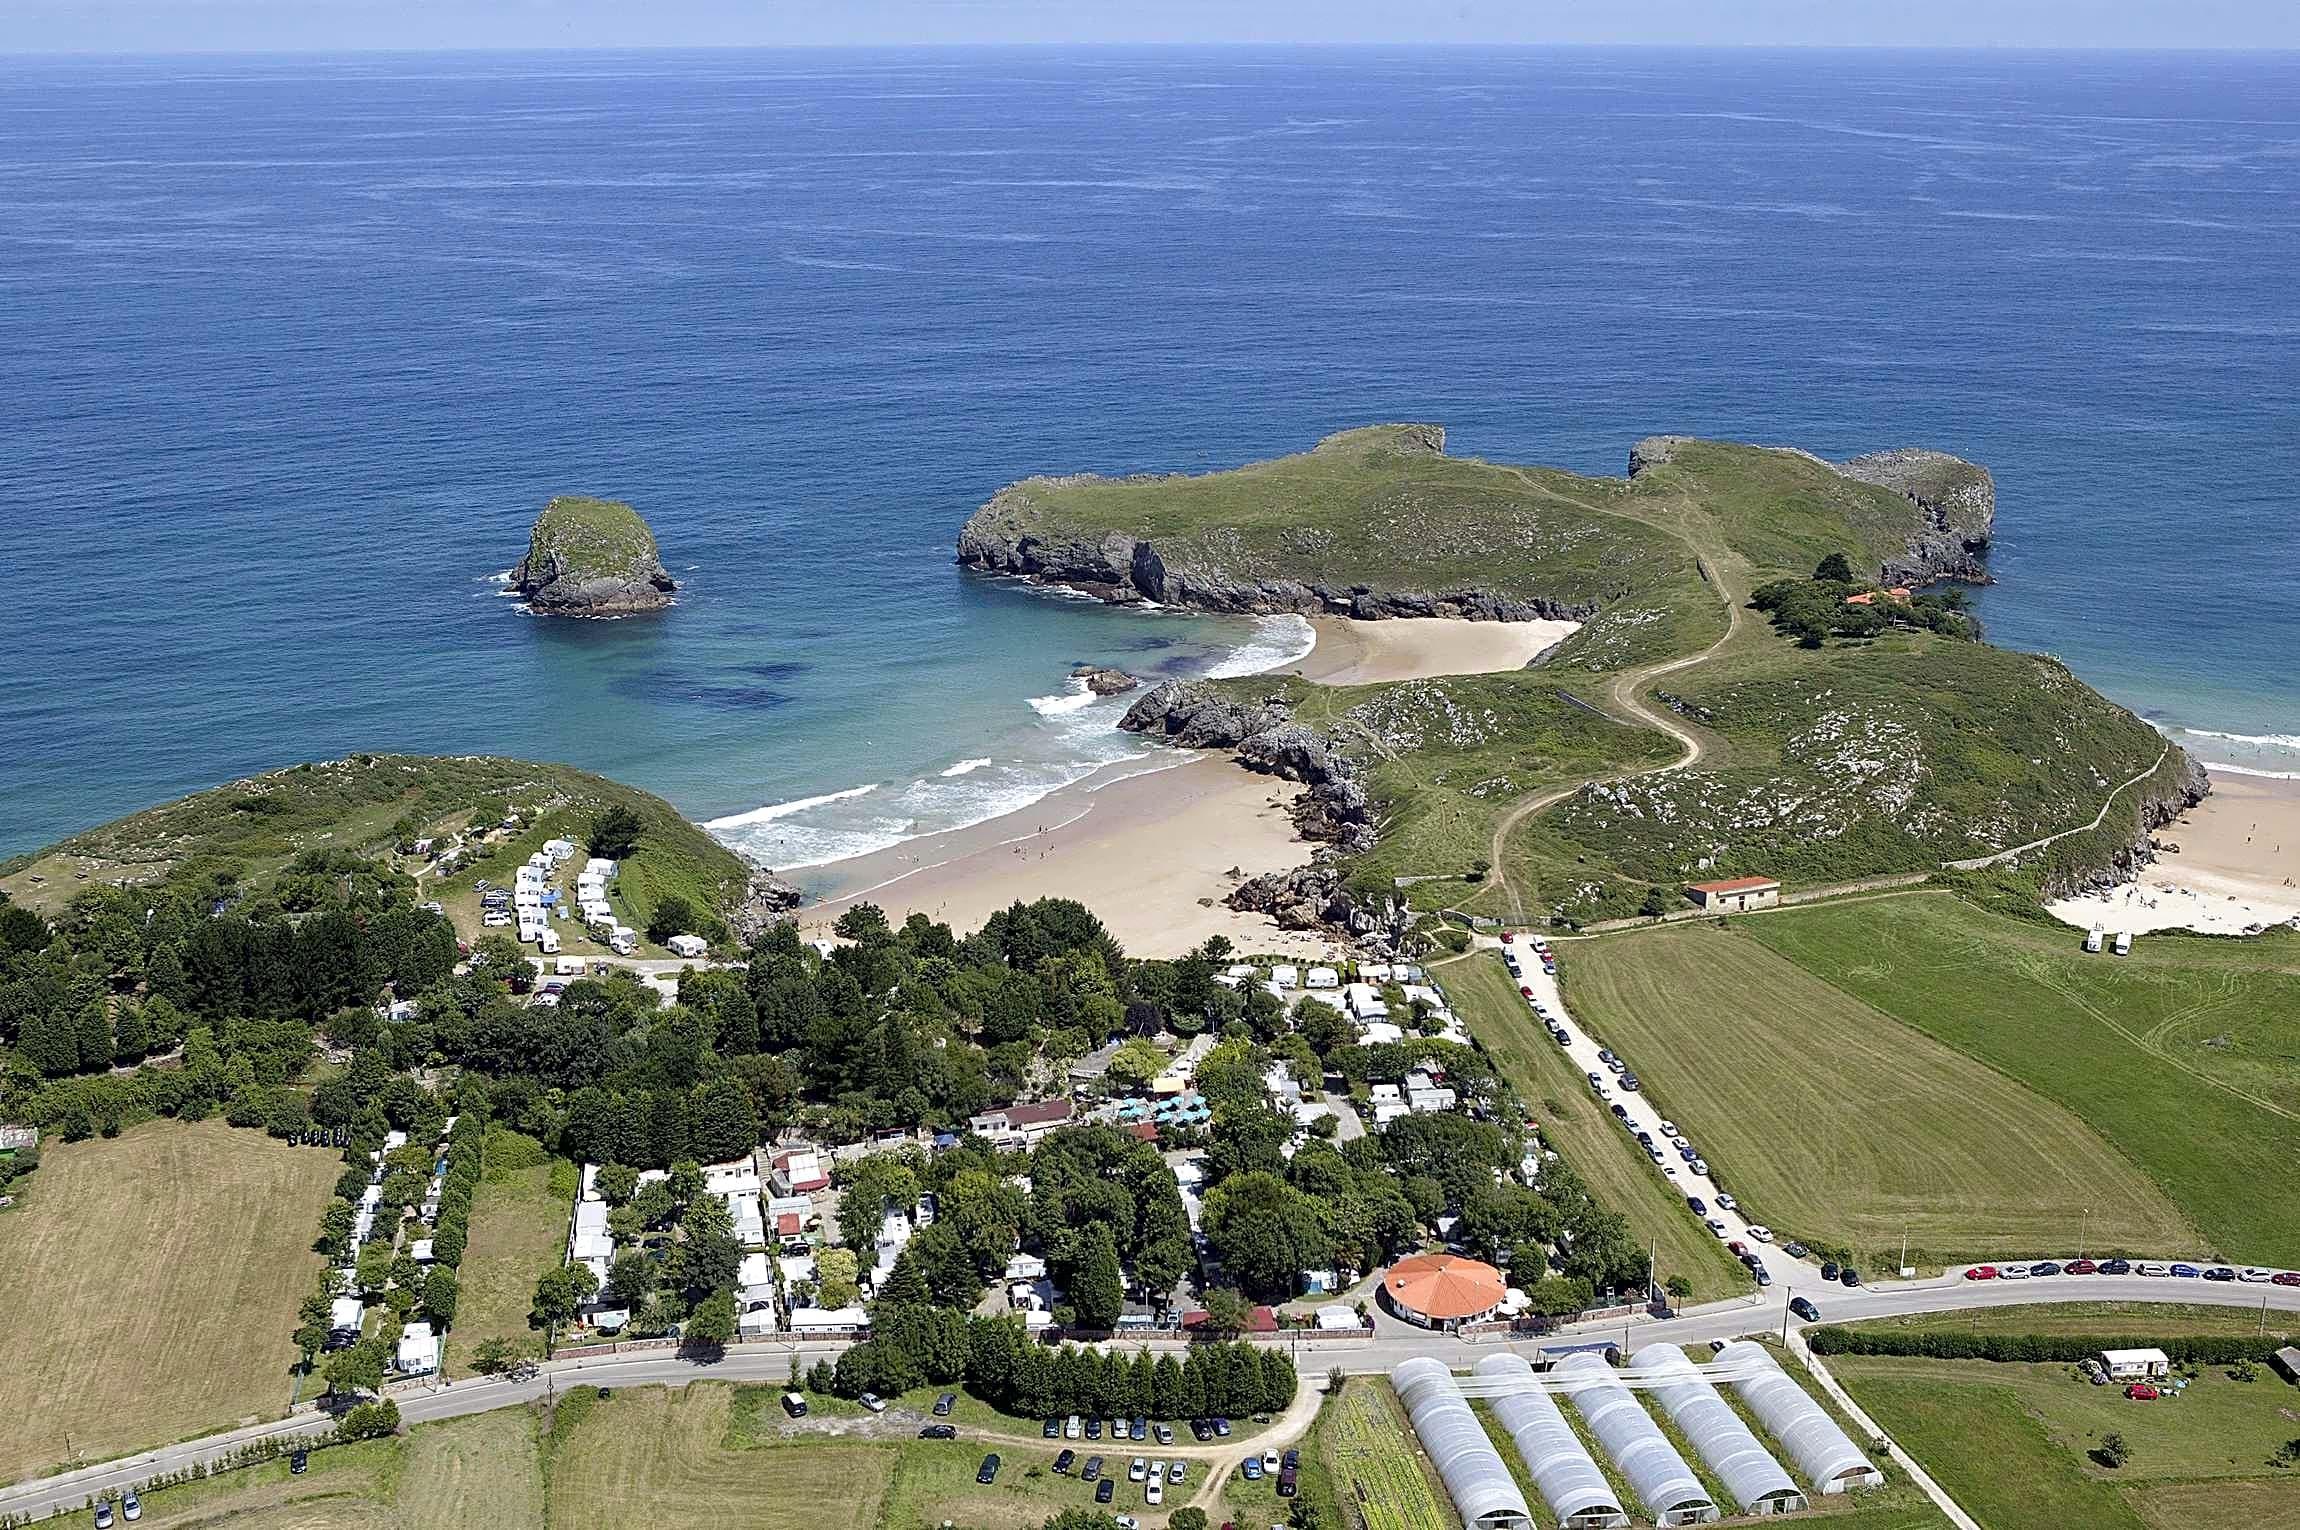 Camping Playa De Troenzo Celorio Pitchup